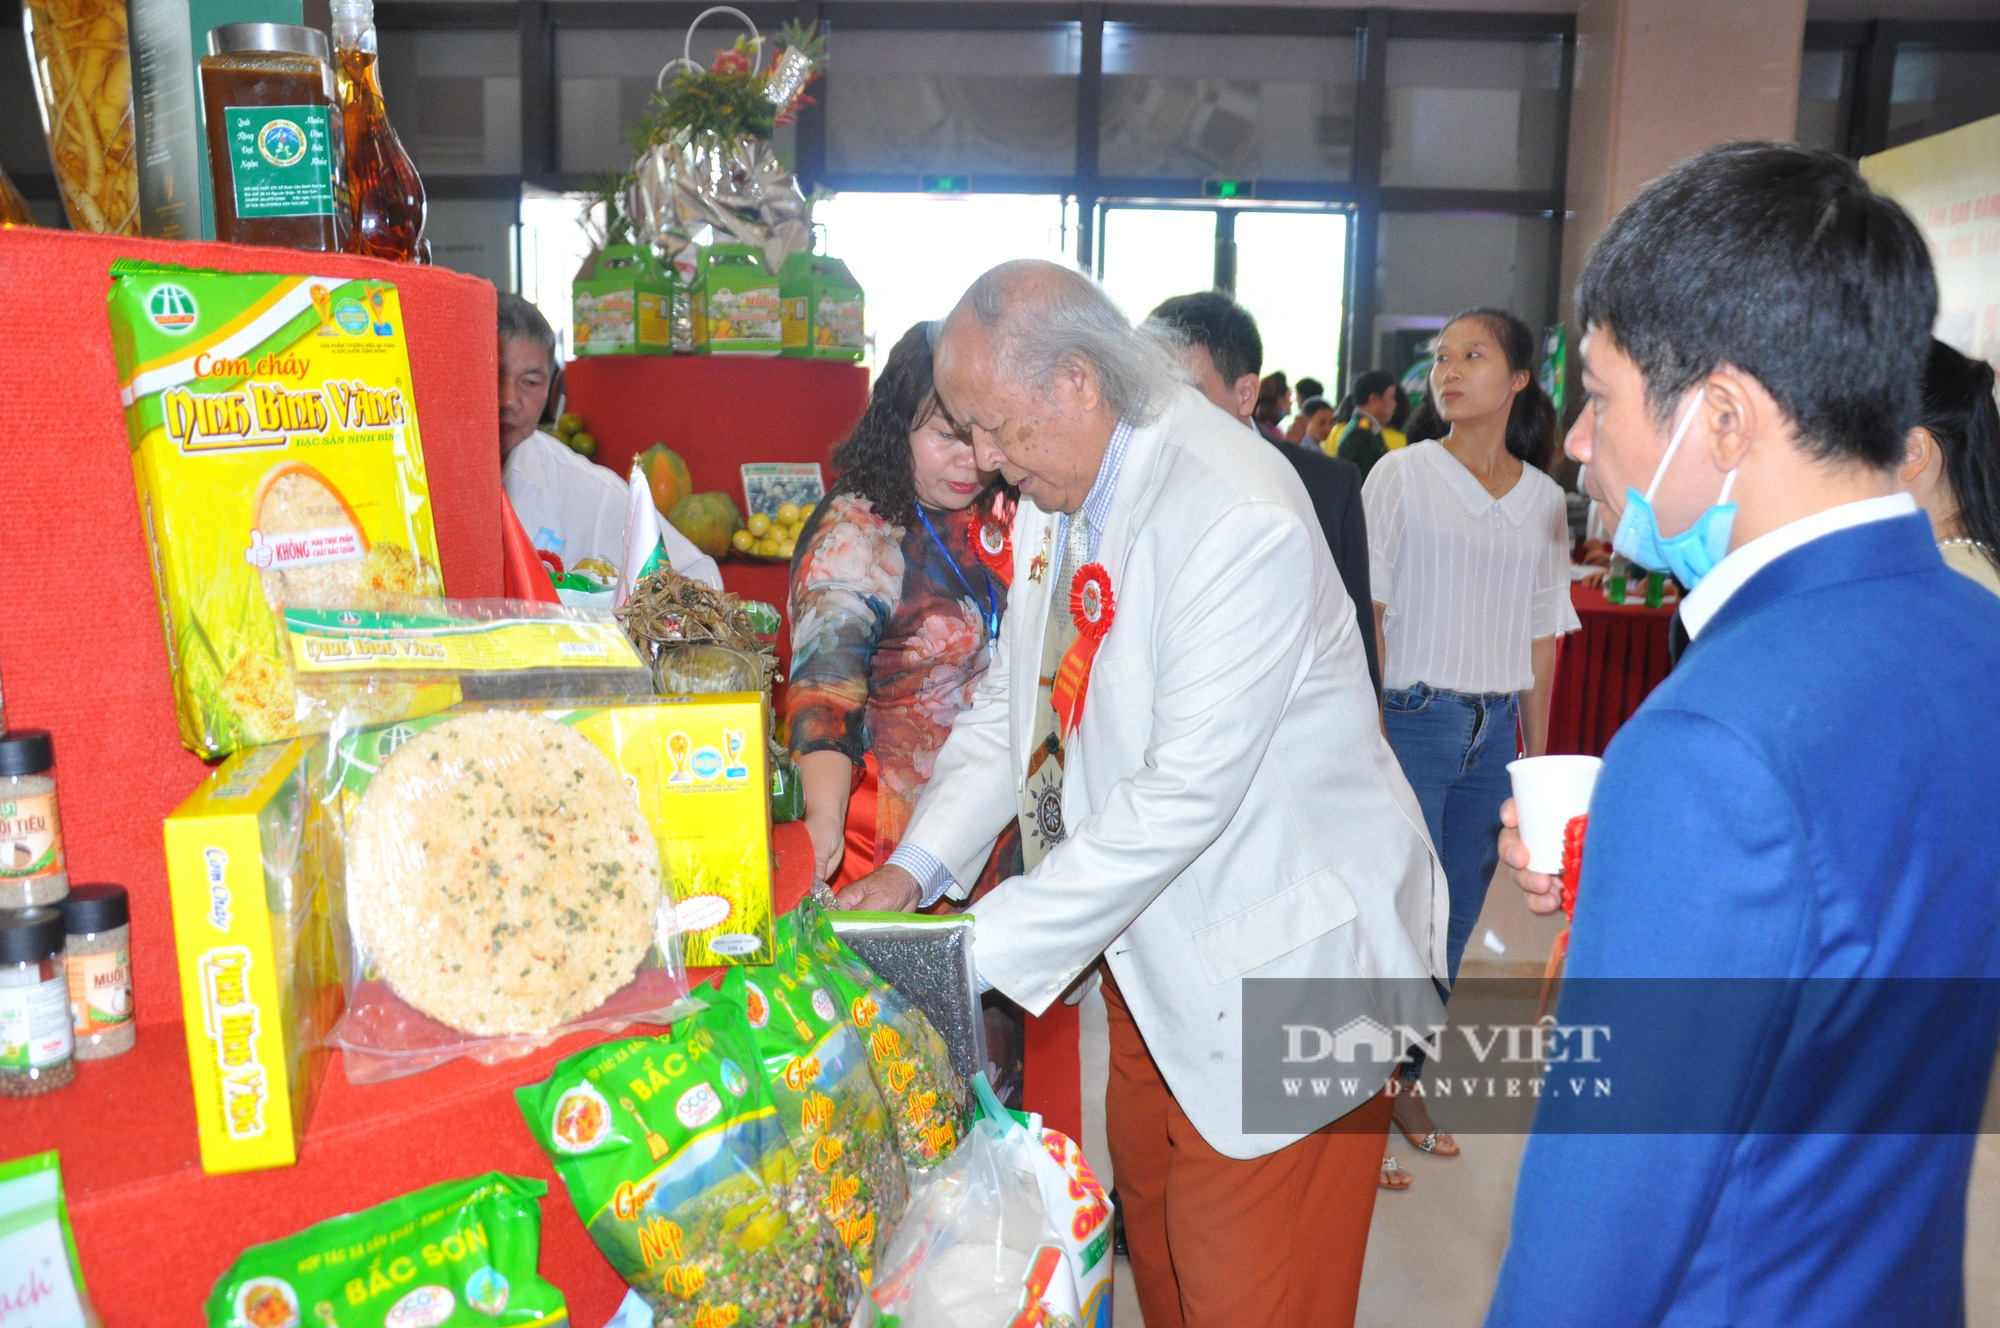 Thủ tướng khen ngợi sản phẩm hữu cơ độc đáo tại Lễ kỷ niệm 90 năm ngày thành lập Hội Nông dân Việt Nam - Ảnh 9.